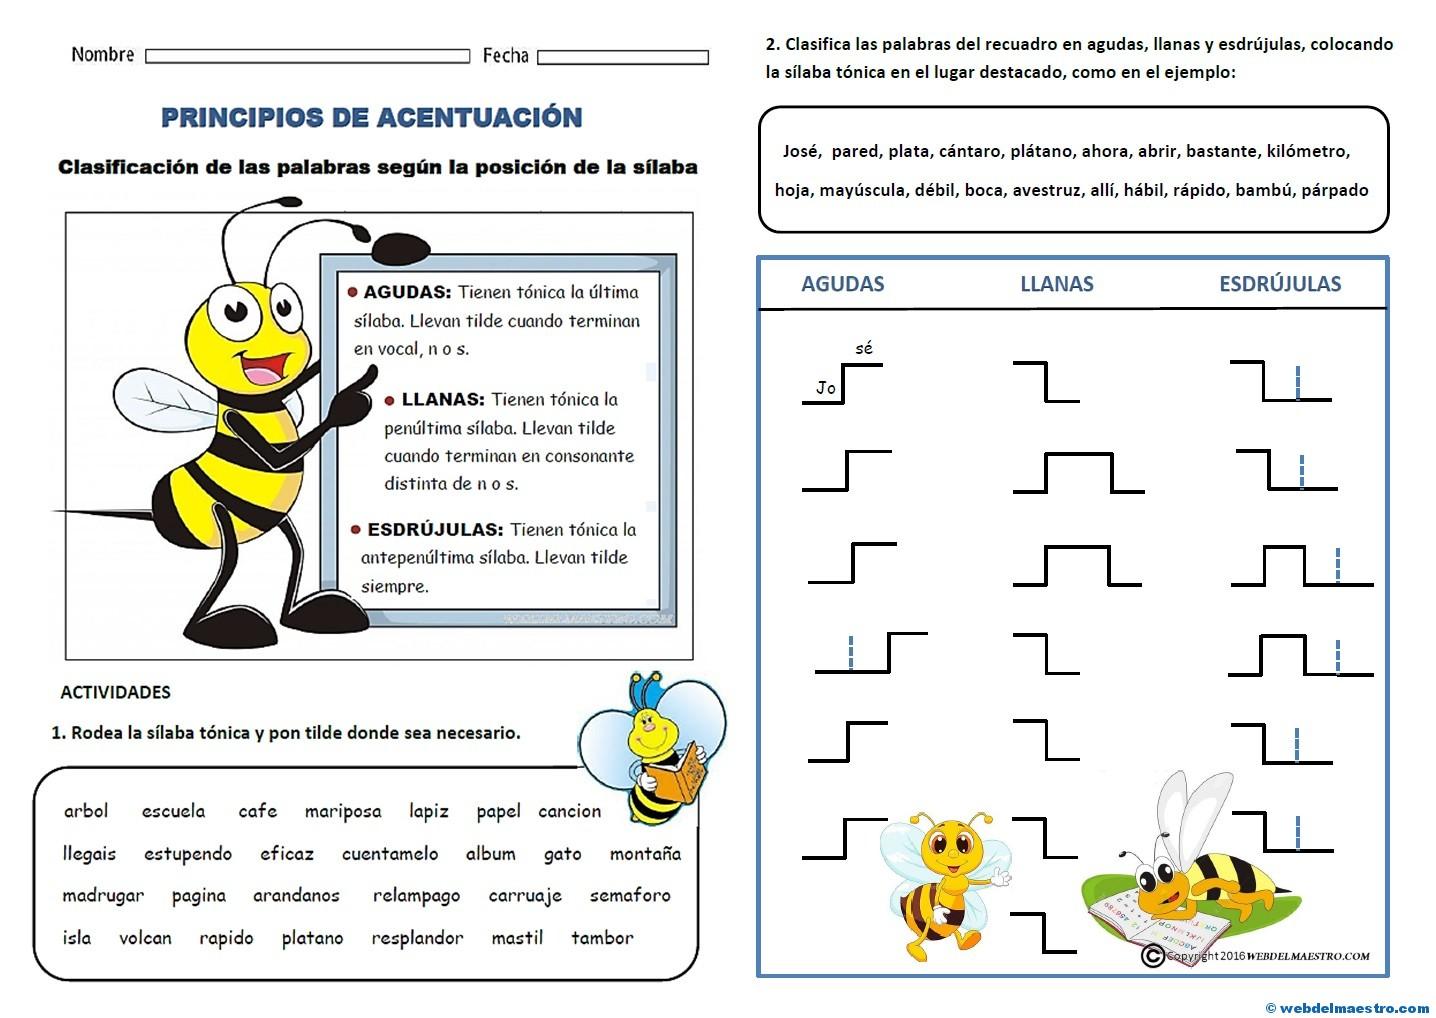 cómo recortar imagen en pdf lector